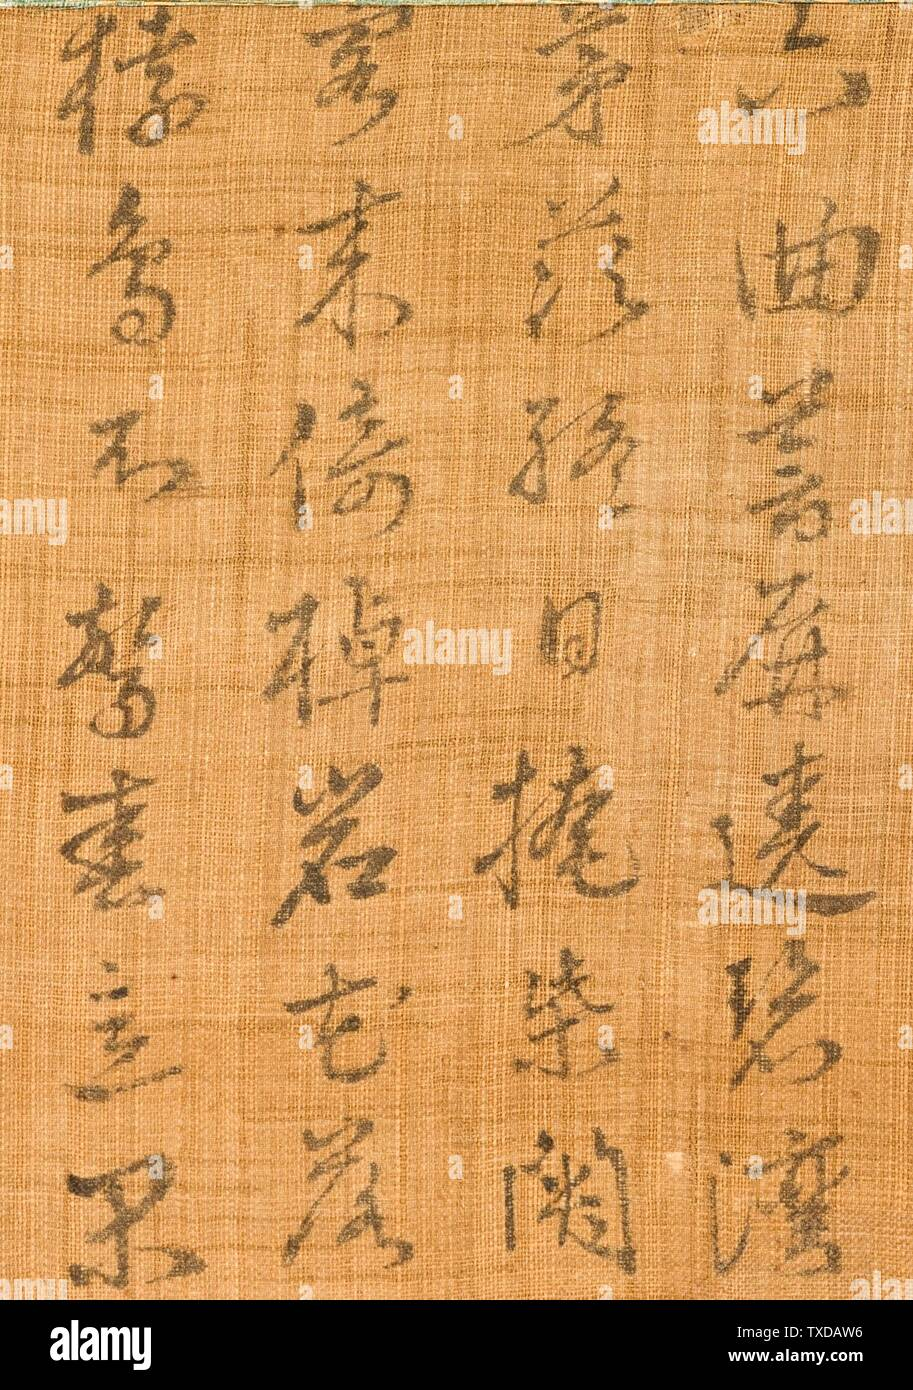 Sixième des Neuf plis au Mont Wuyi, Chine (image 4 de 5); Corée, Corée, dynastie Joseon (1392-1910), Tableaux du XVIIe siècle défilement suspendu, encre sur ramie ou chanvre image : 20 3/4 x 23 1/8 in. (52,71 x 58,74 cm) ; montage : 48 3/4 x 25 po. (123,83 x 63,5 cm) ; rouleau : 27 1/4 po. (69,22 cm) Acheté avec Museum Funds (M. 2000.15.20) Korean Art; date du XVIIe siècle QS:P571,+1650-00-00T00:00:00Z/7; Banque D'Images